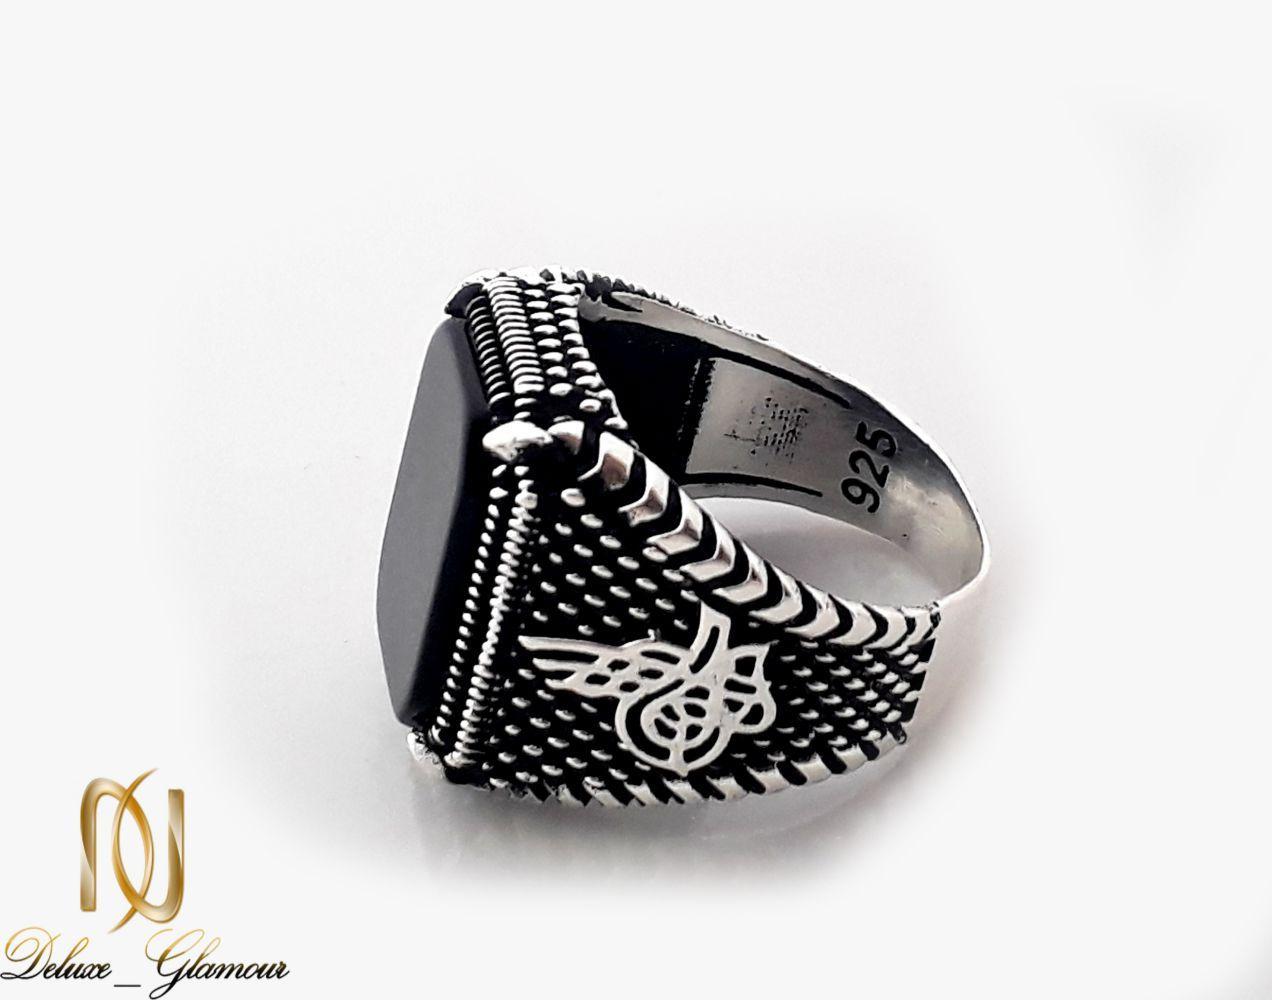 انگشتر مردانه نقره با نگین عقیق مشکی مربعی rg-n249